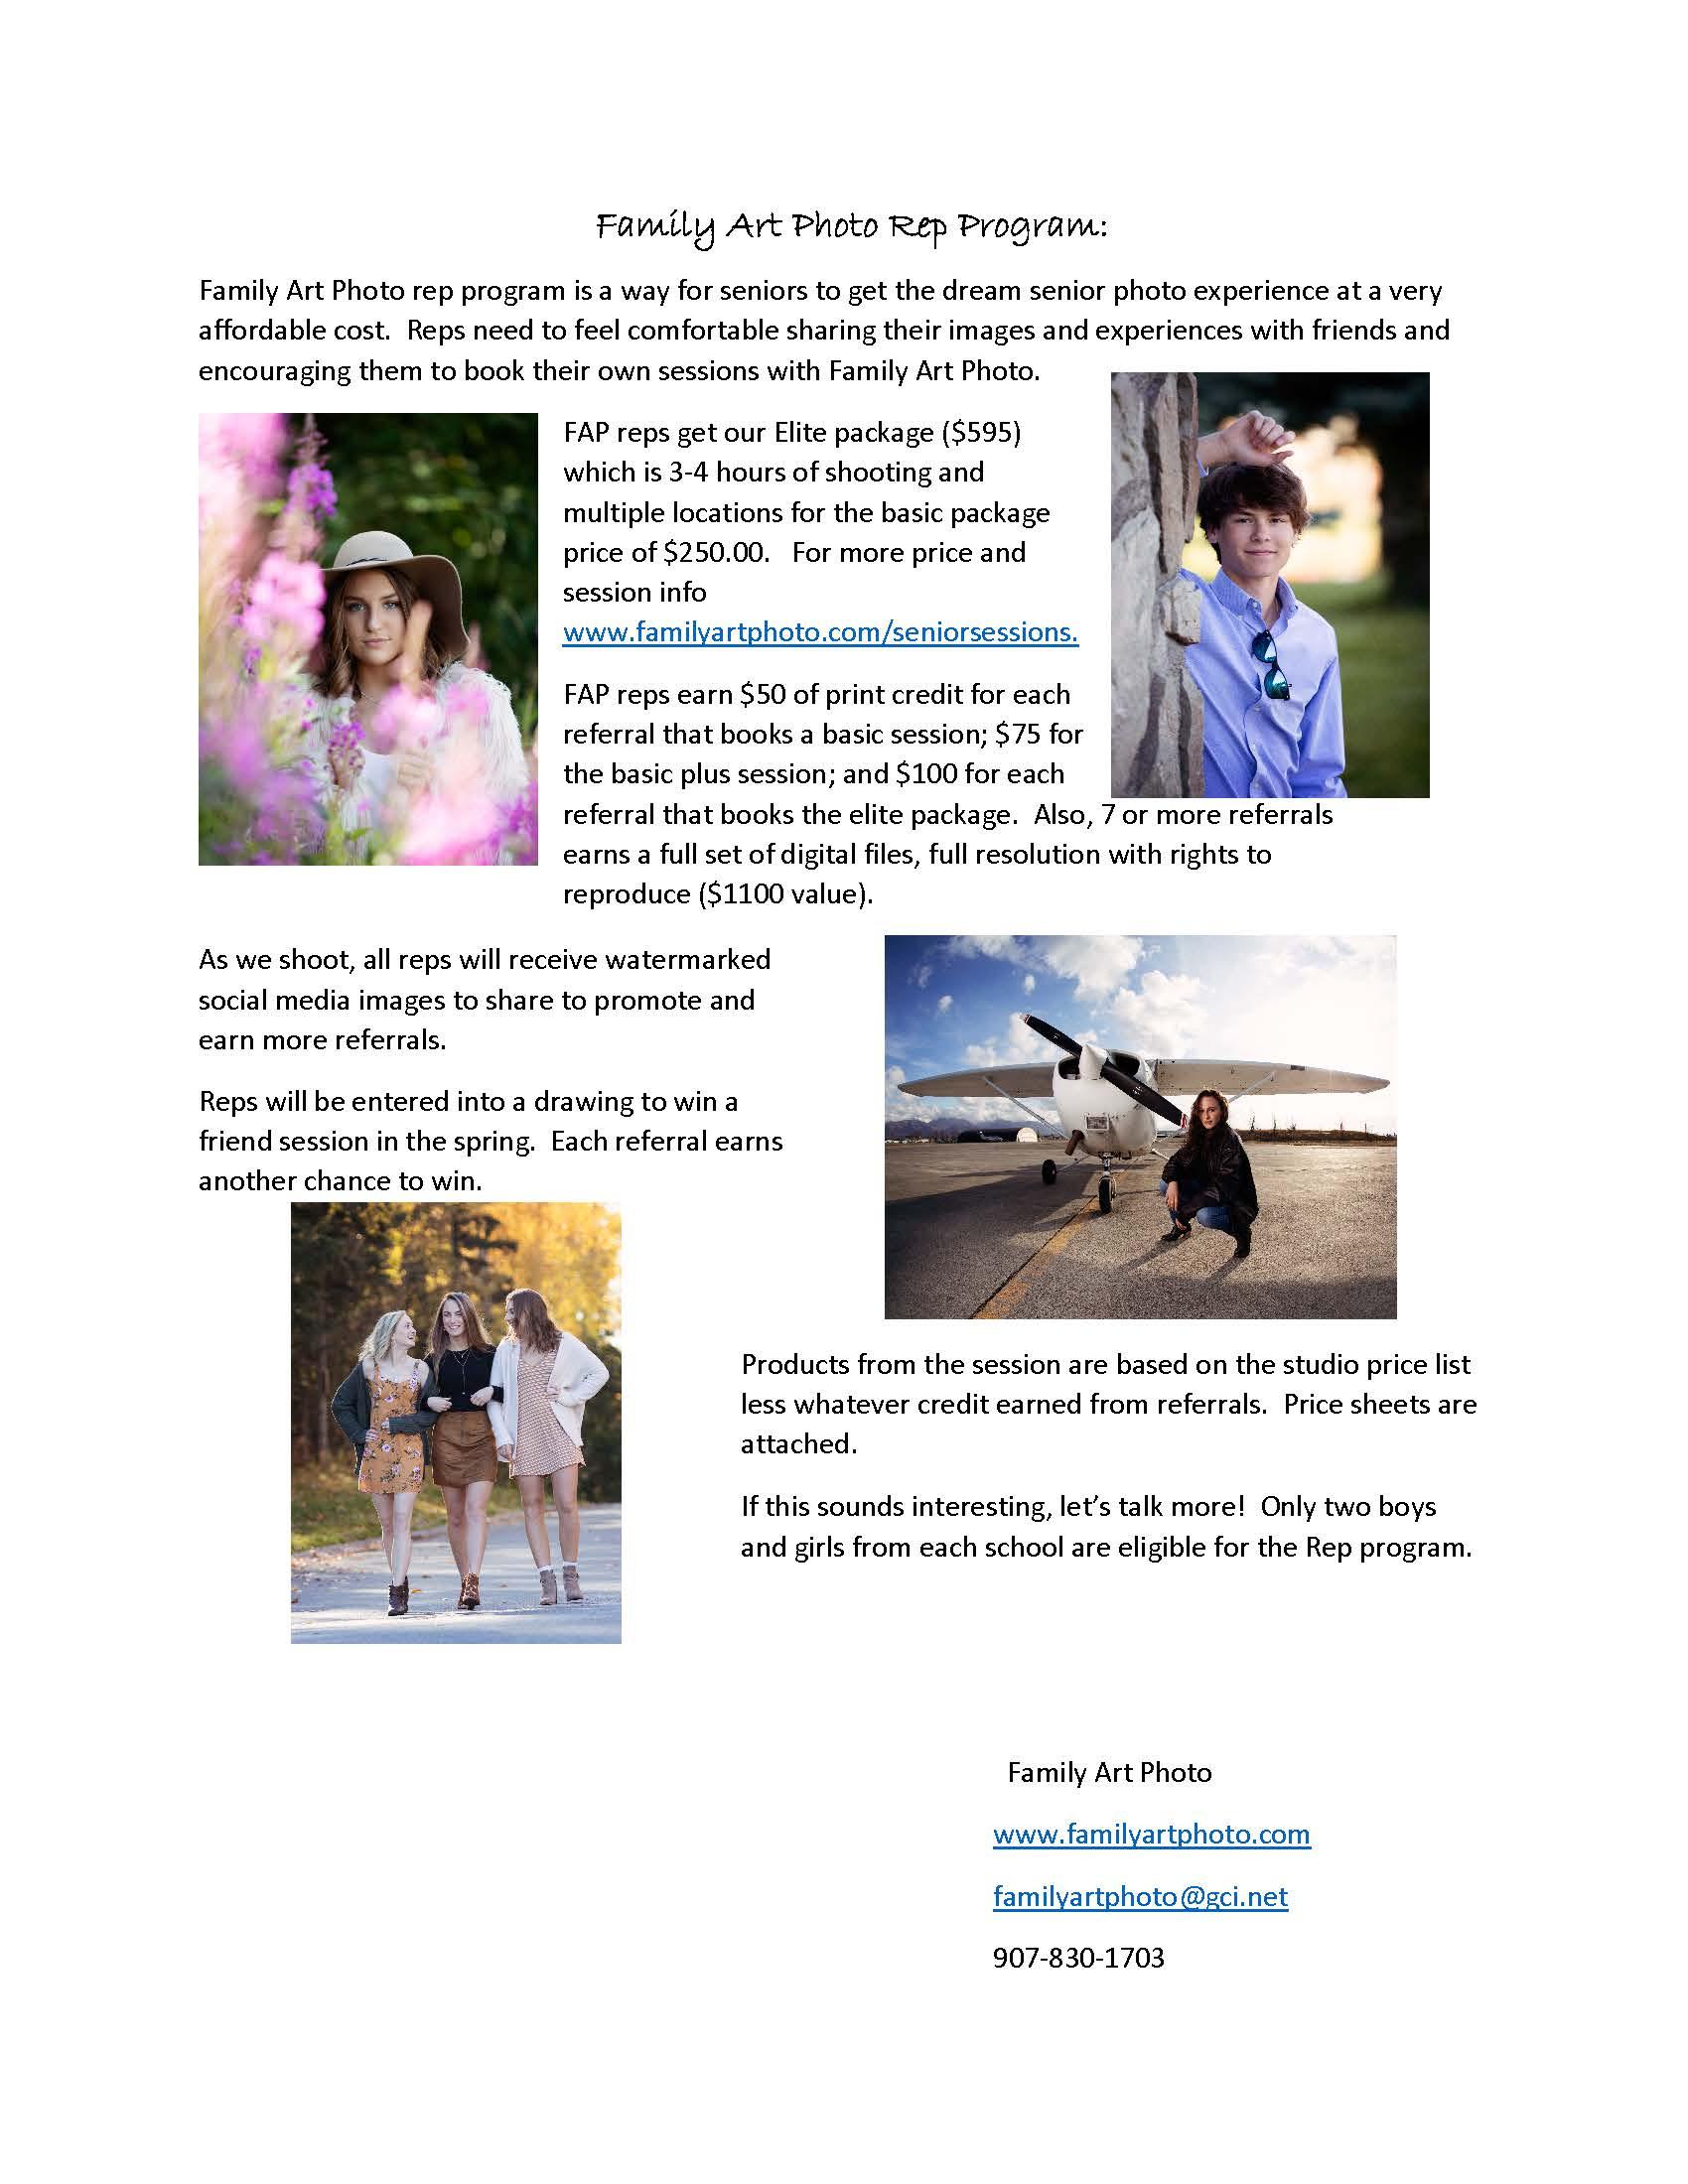 Family Art Photo Rep Program 2020.jpg